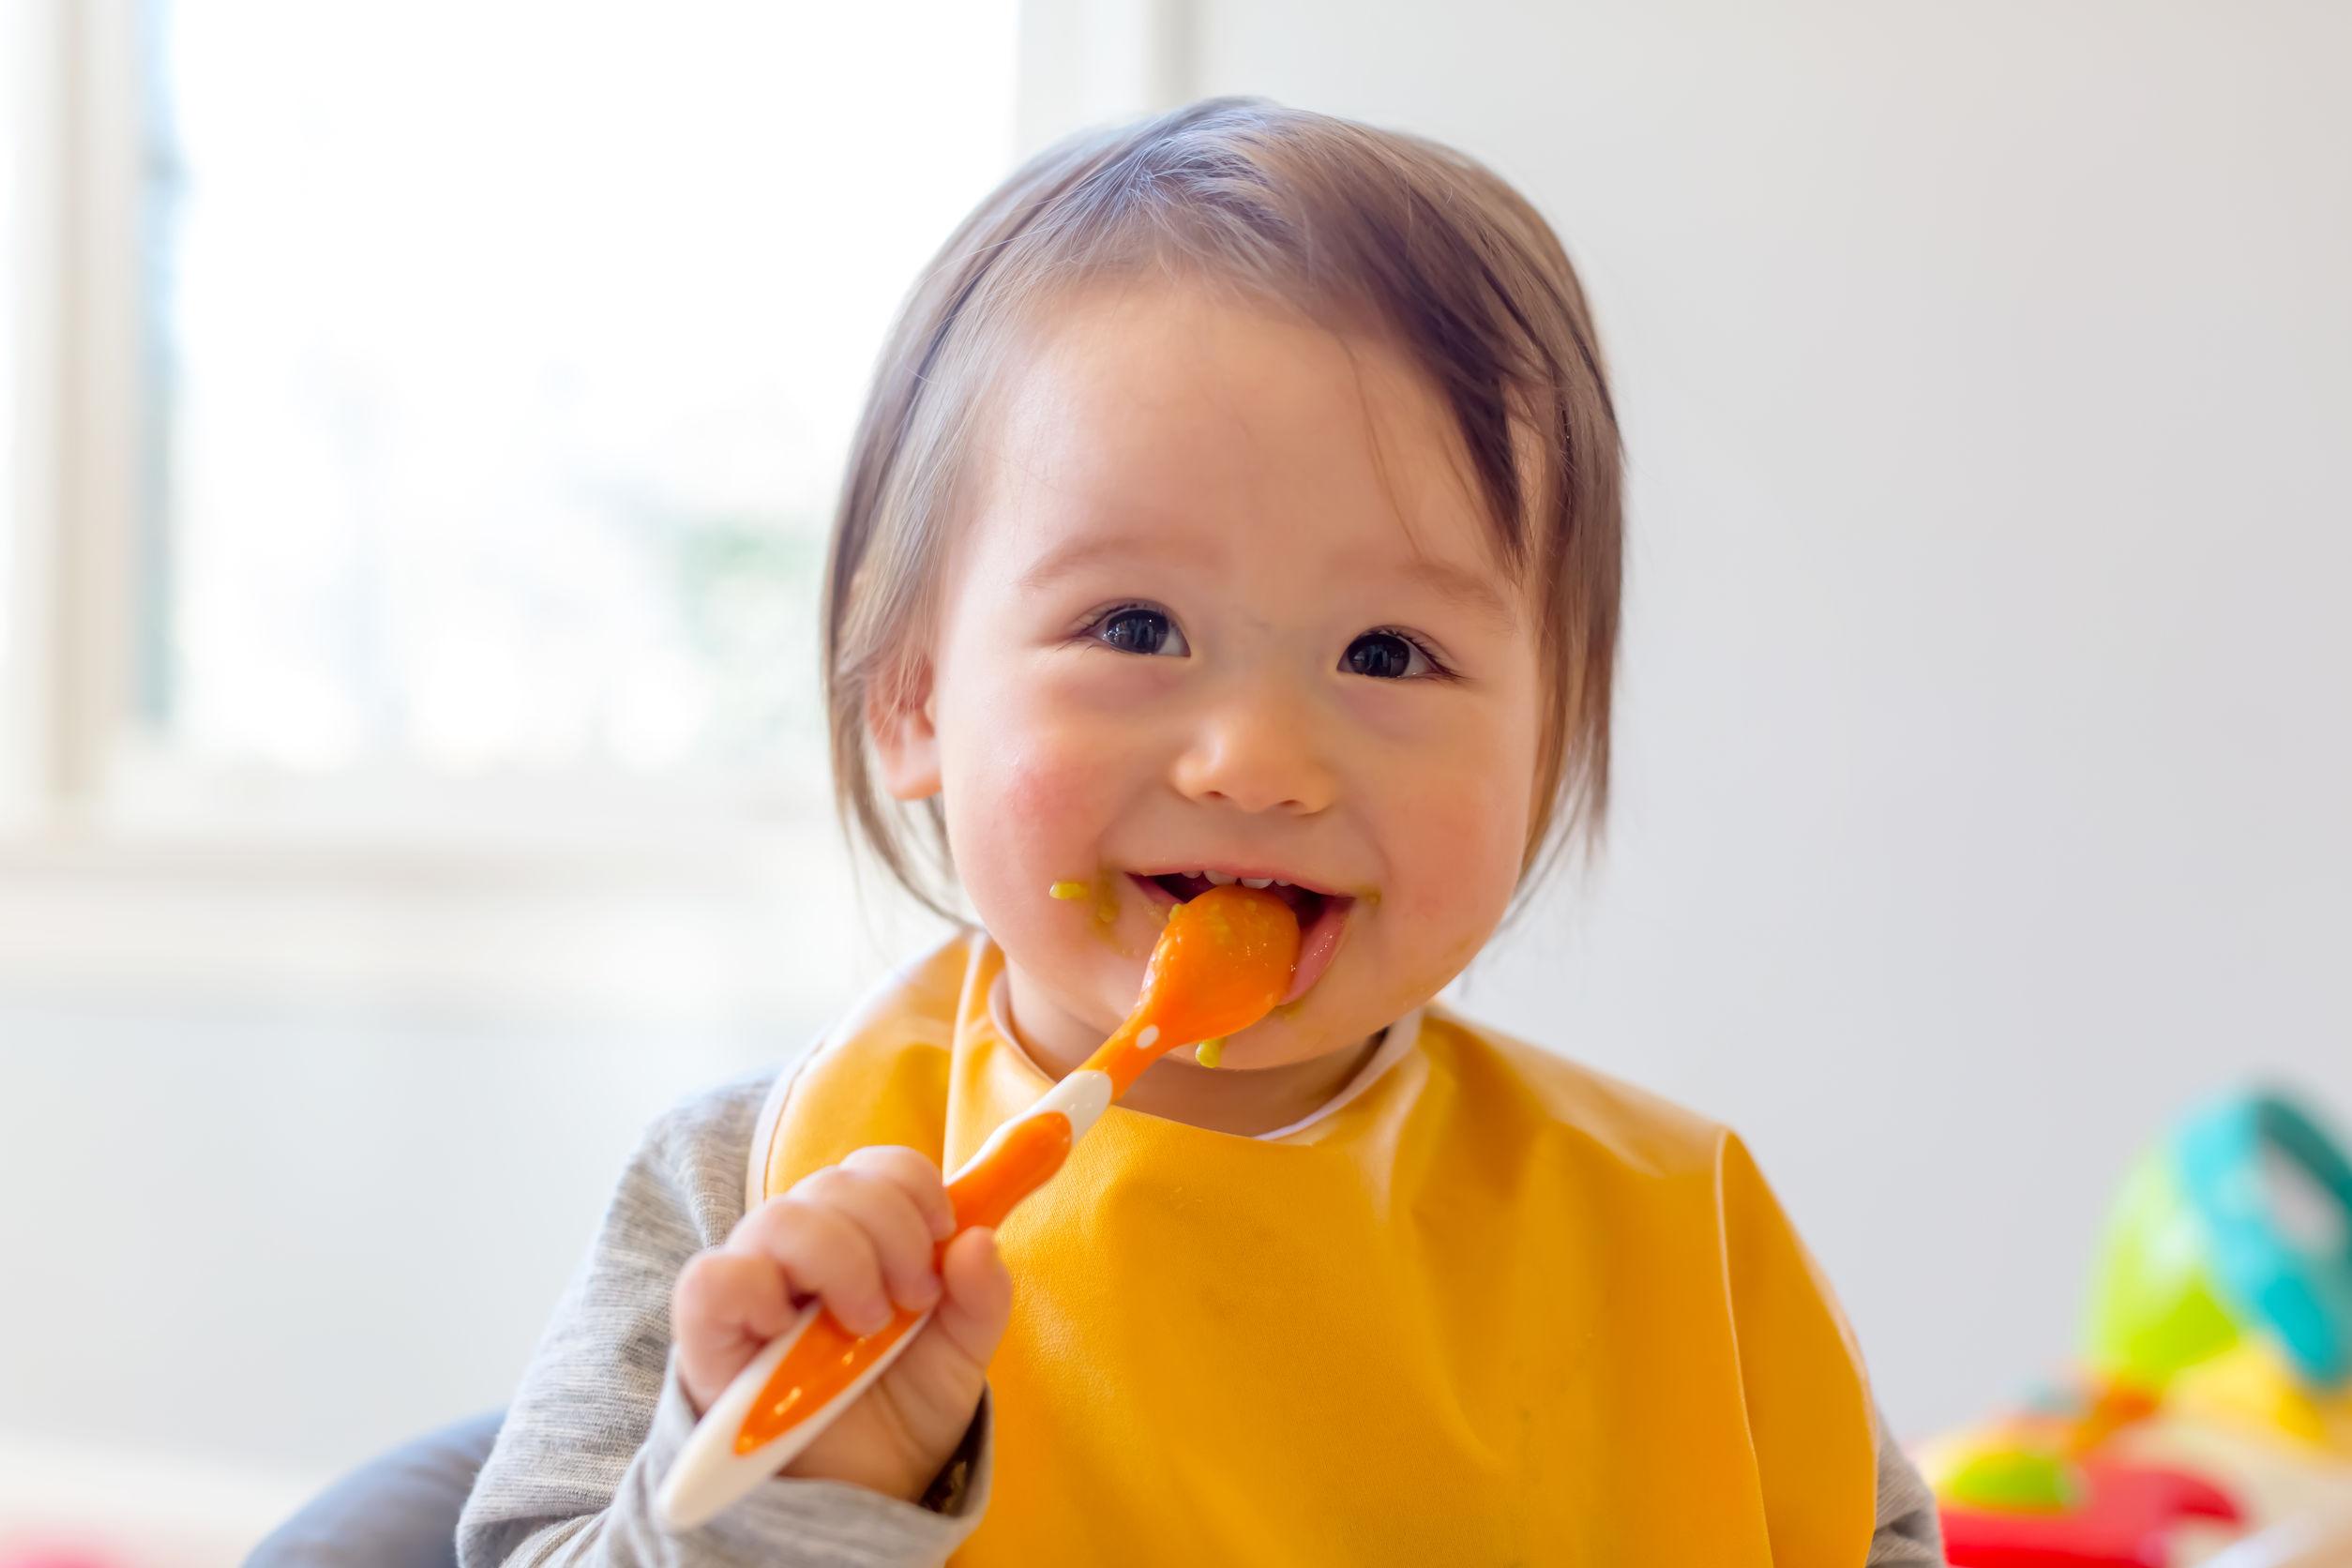 Kinderbesteck: Test & Empfehlungen (05/21)